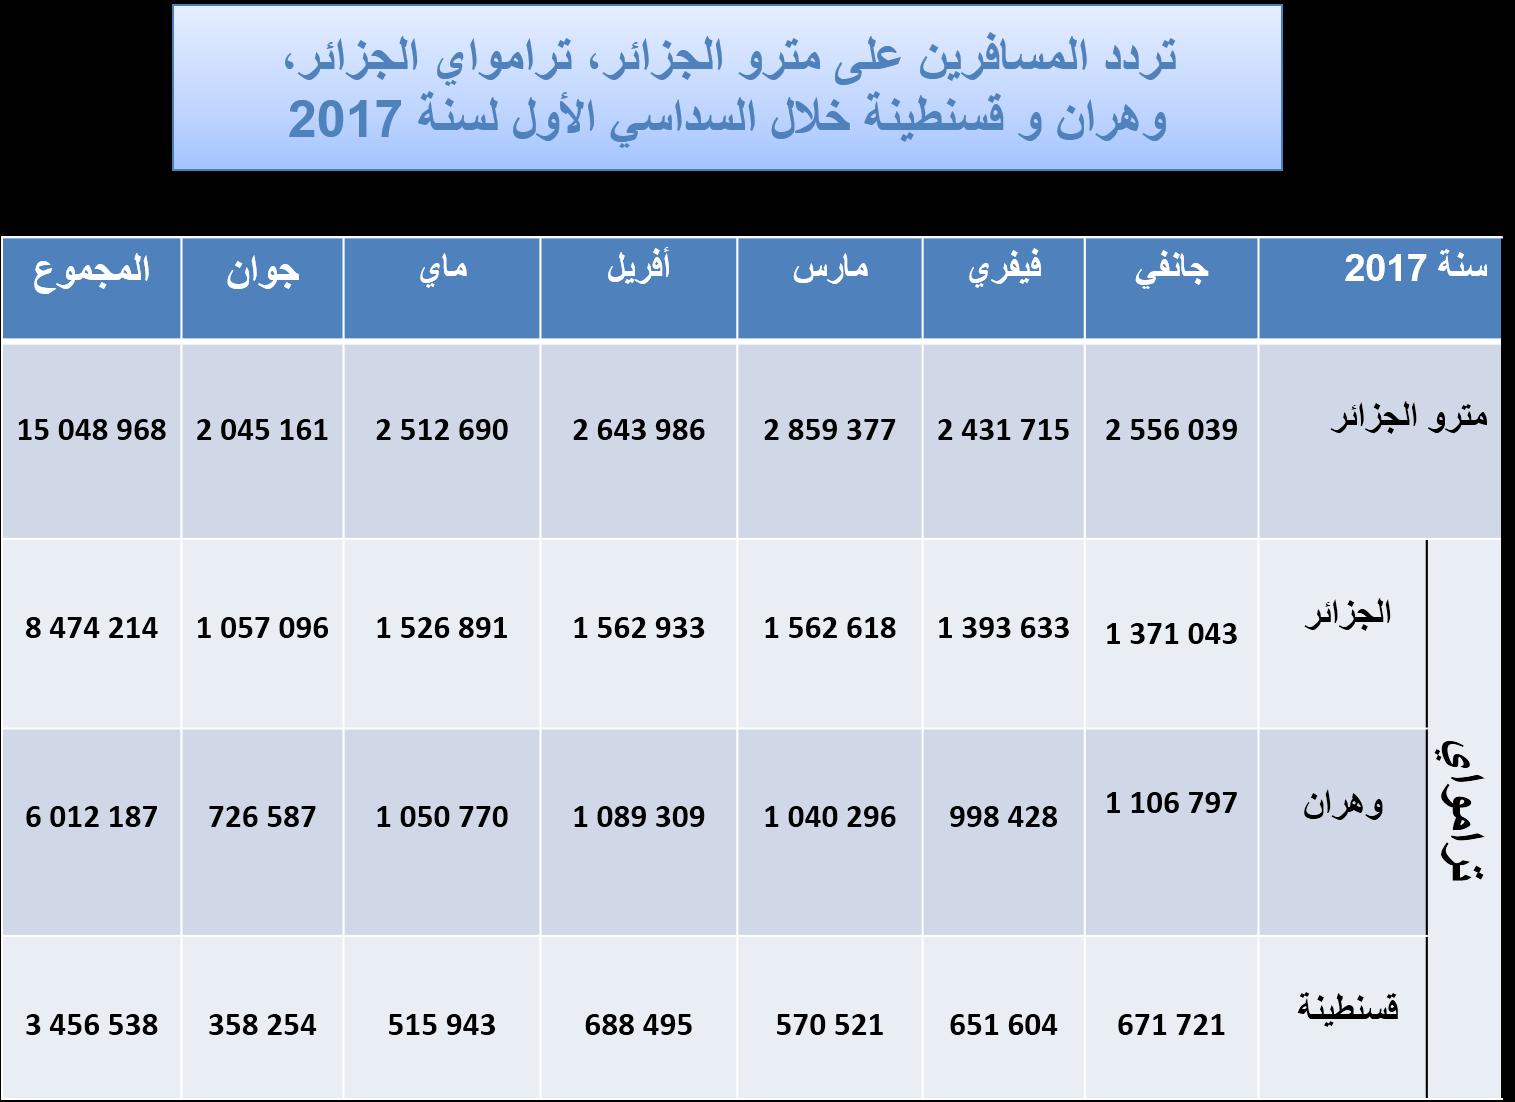 إحصائيات المسافرين – مؤسسة مترو الجزائر: http://www.metroalger-dz.com/ar/statistiques.php